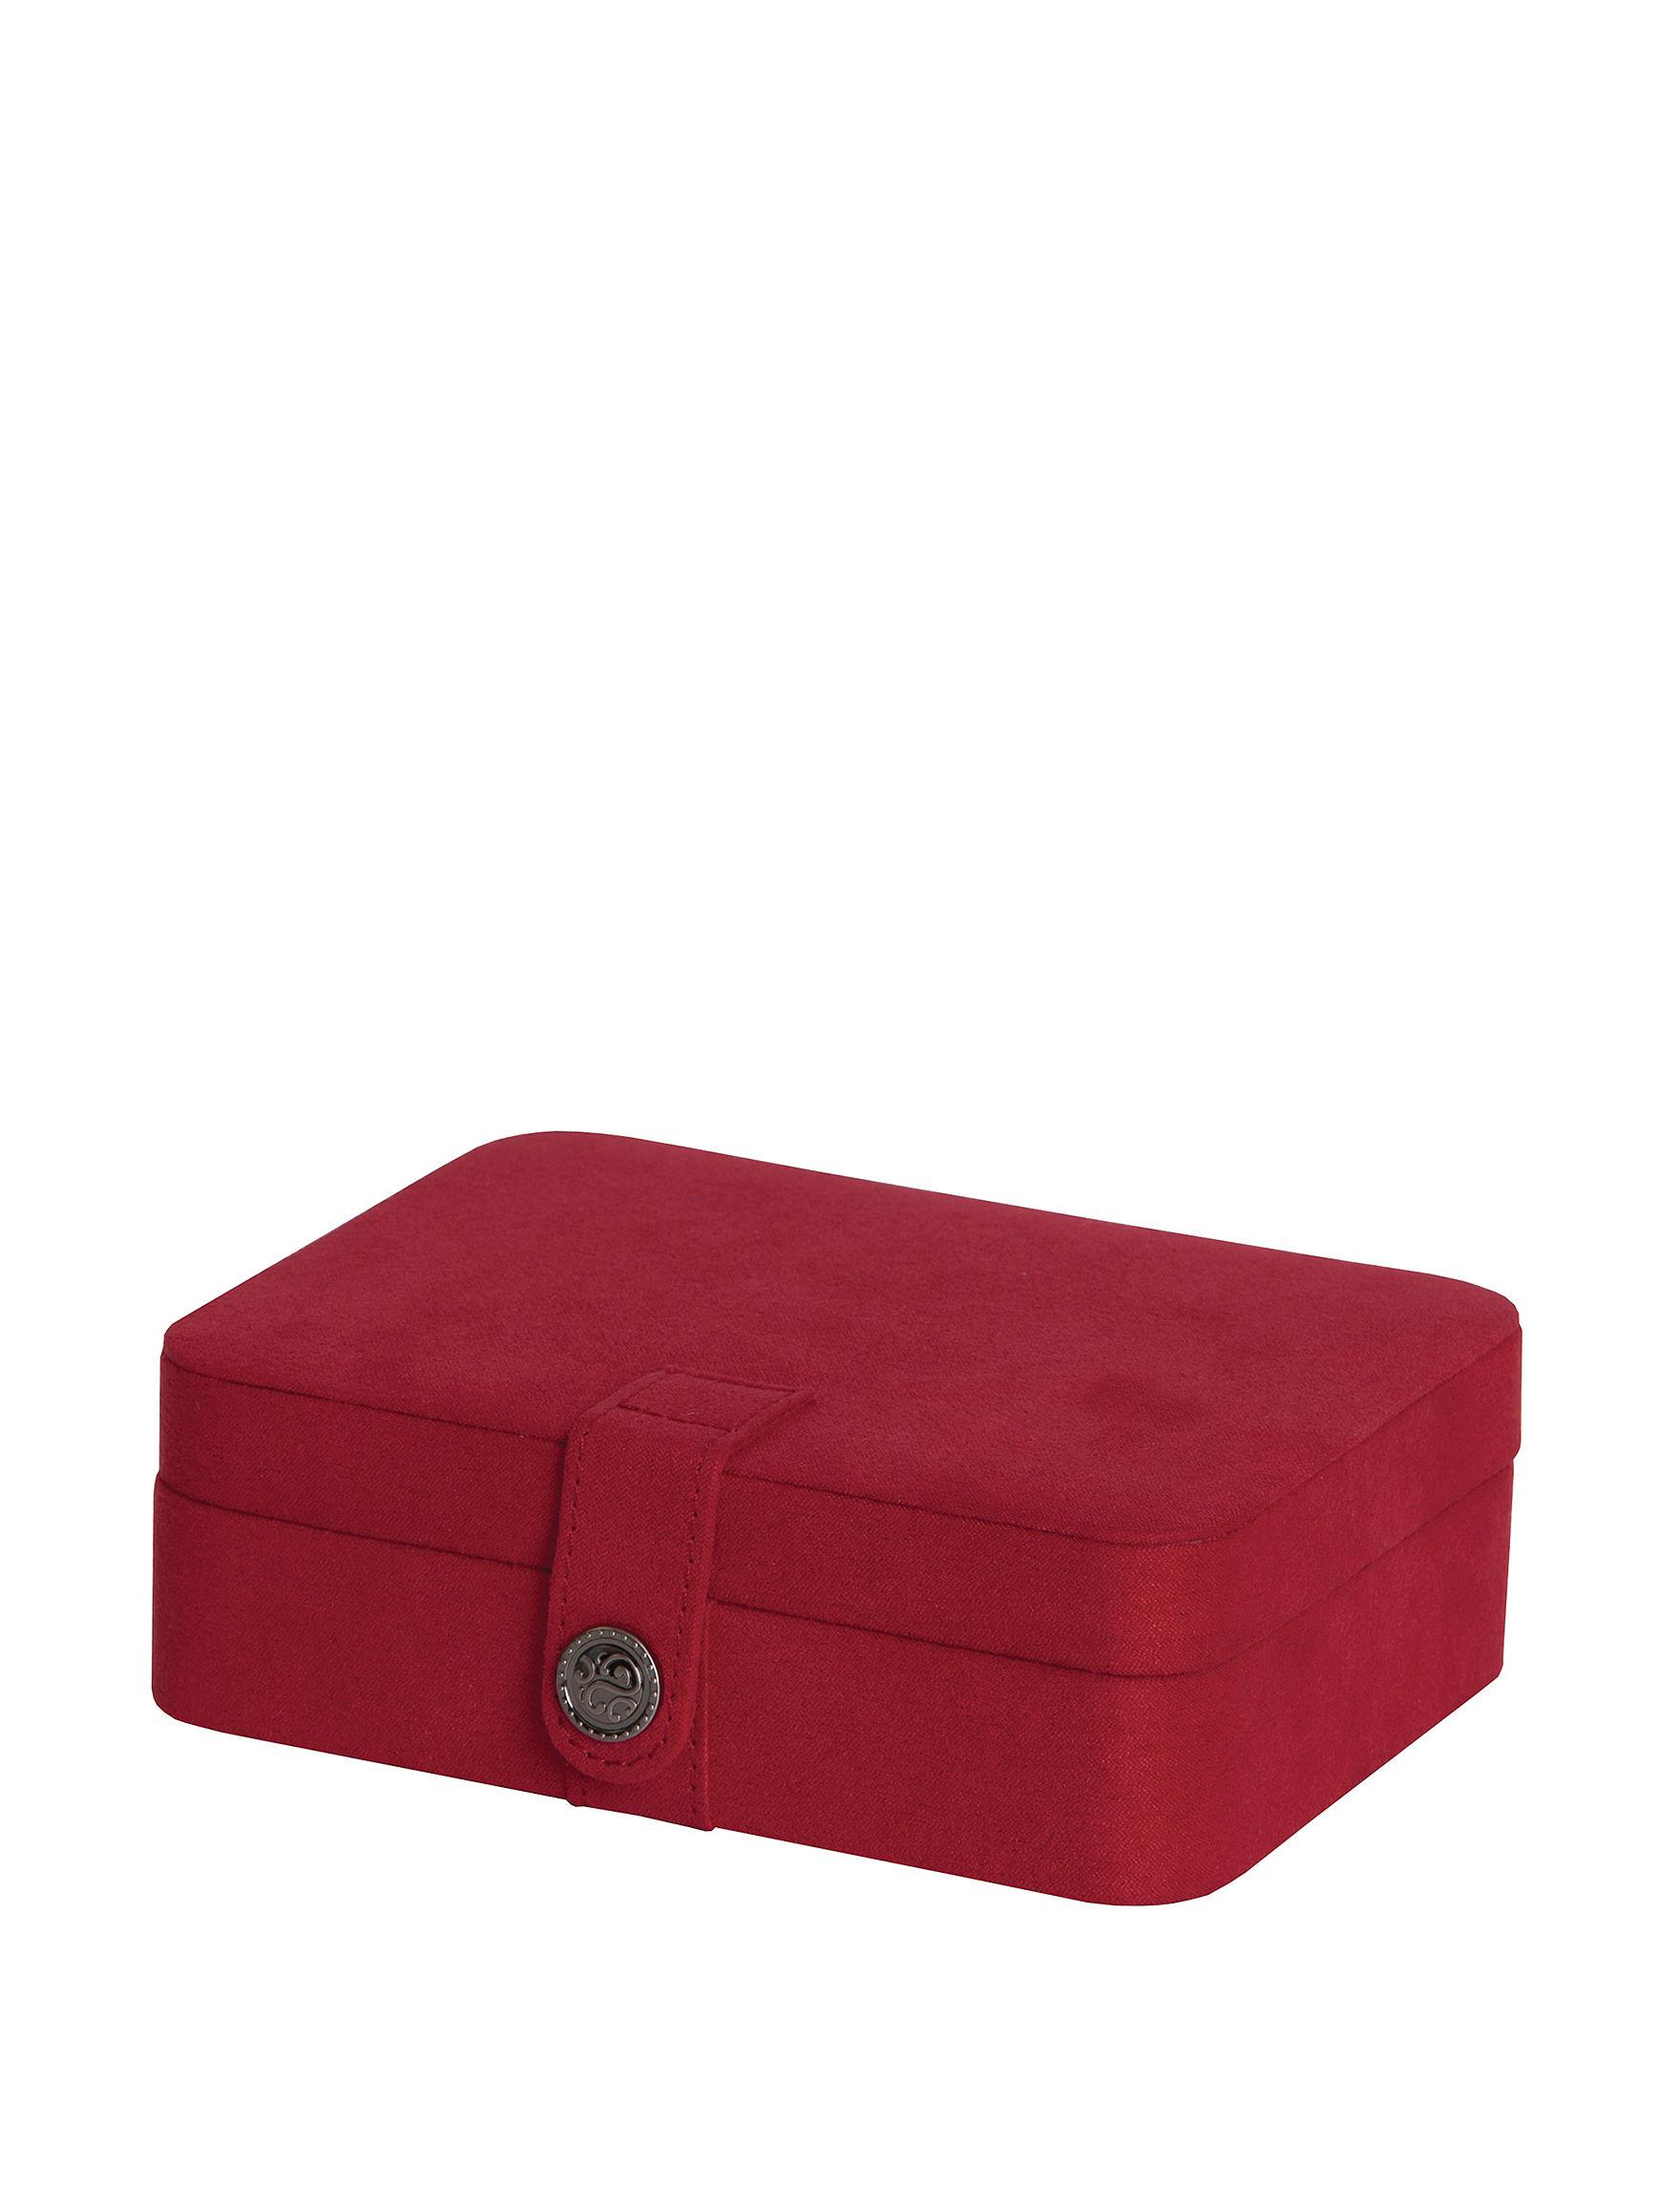 Mele & Co. Red Jewelry Storage & Organization